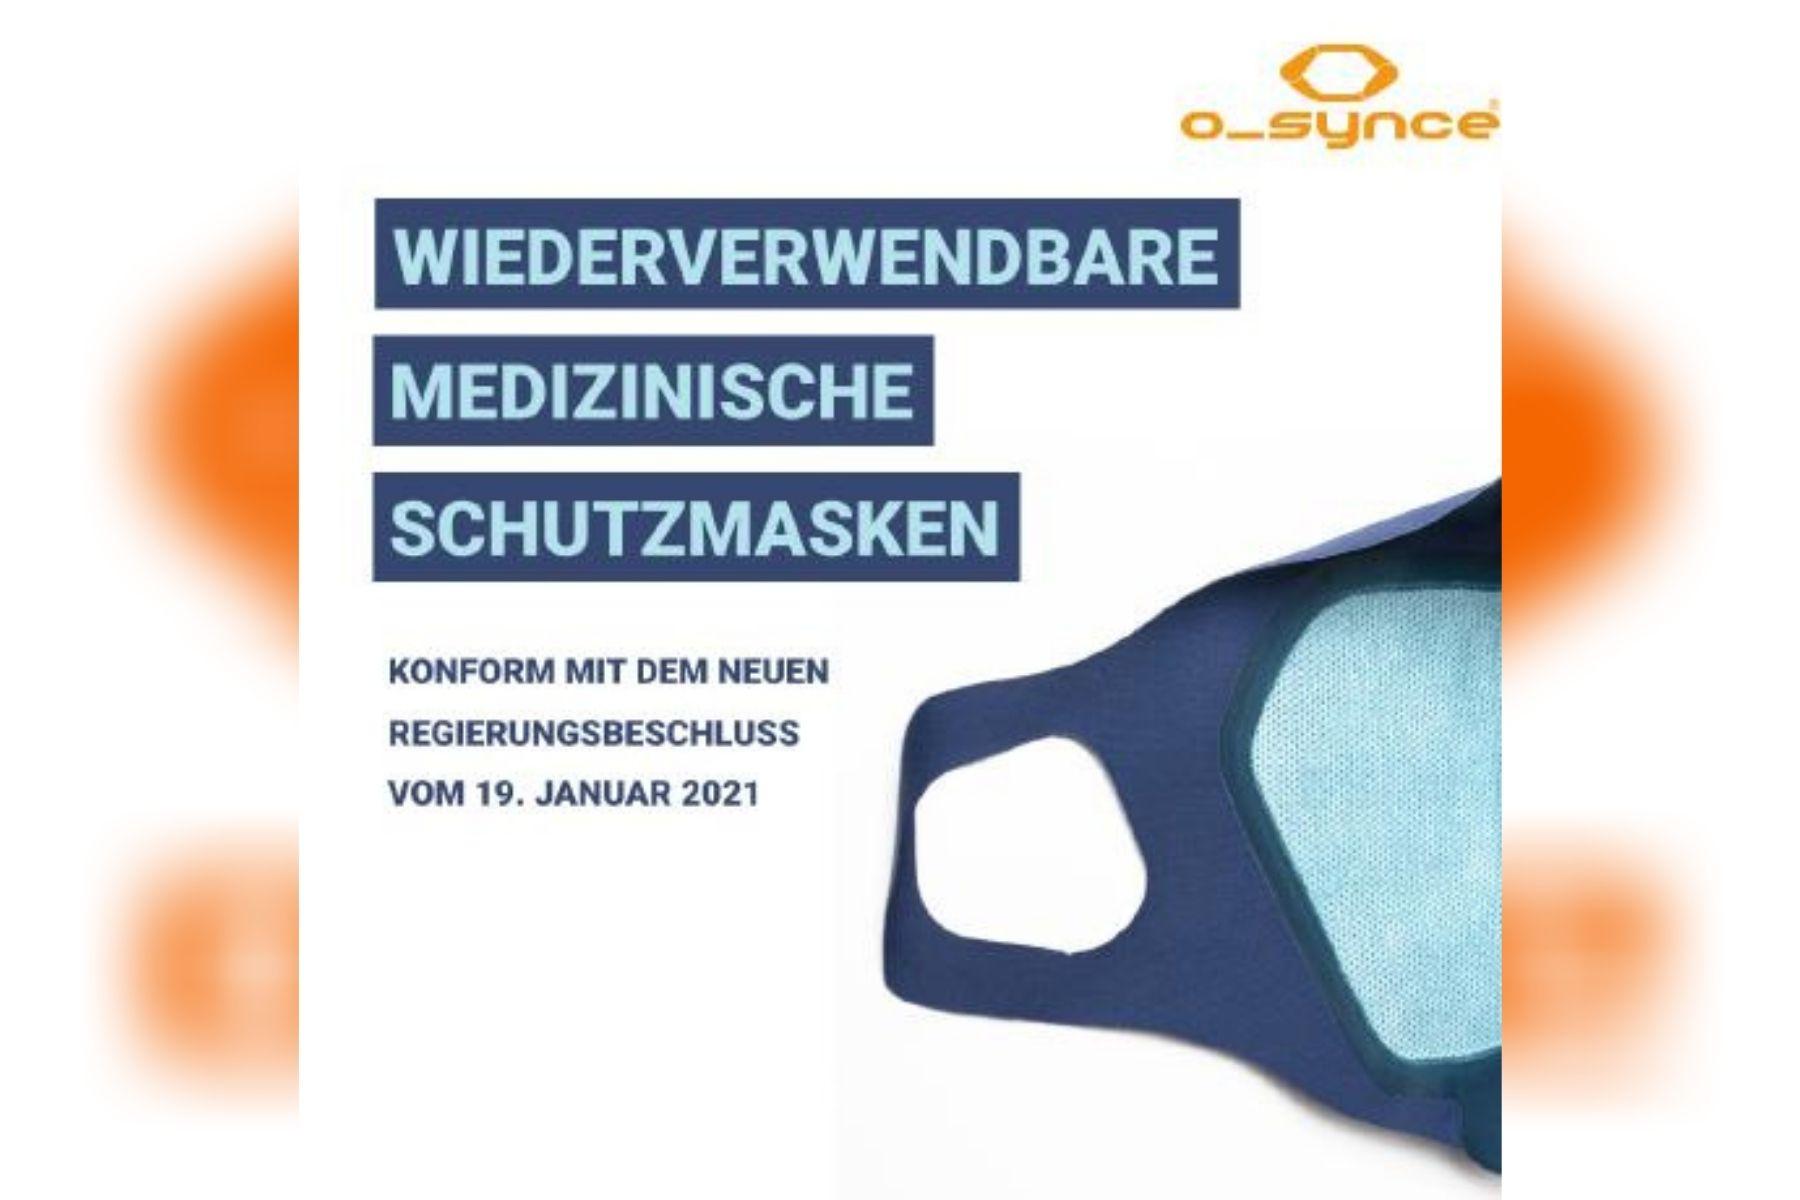 Wiederverwendbare medizinische Schutzmasken von Momes GmbH